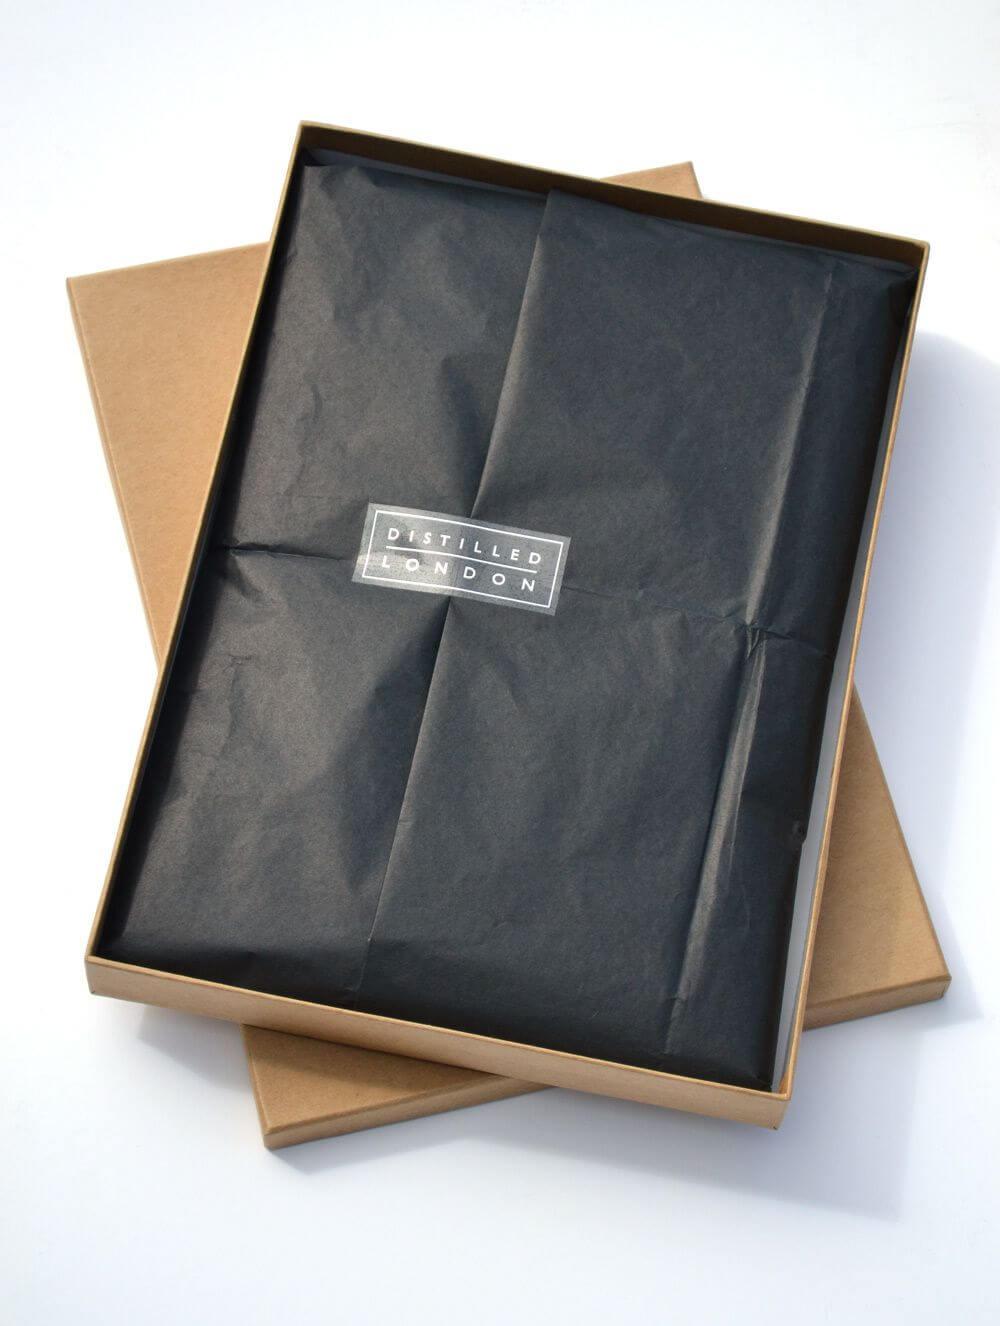 Packaging Distilled London : boîte en carton naturel et papier de soie noir